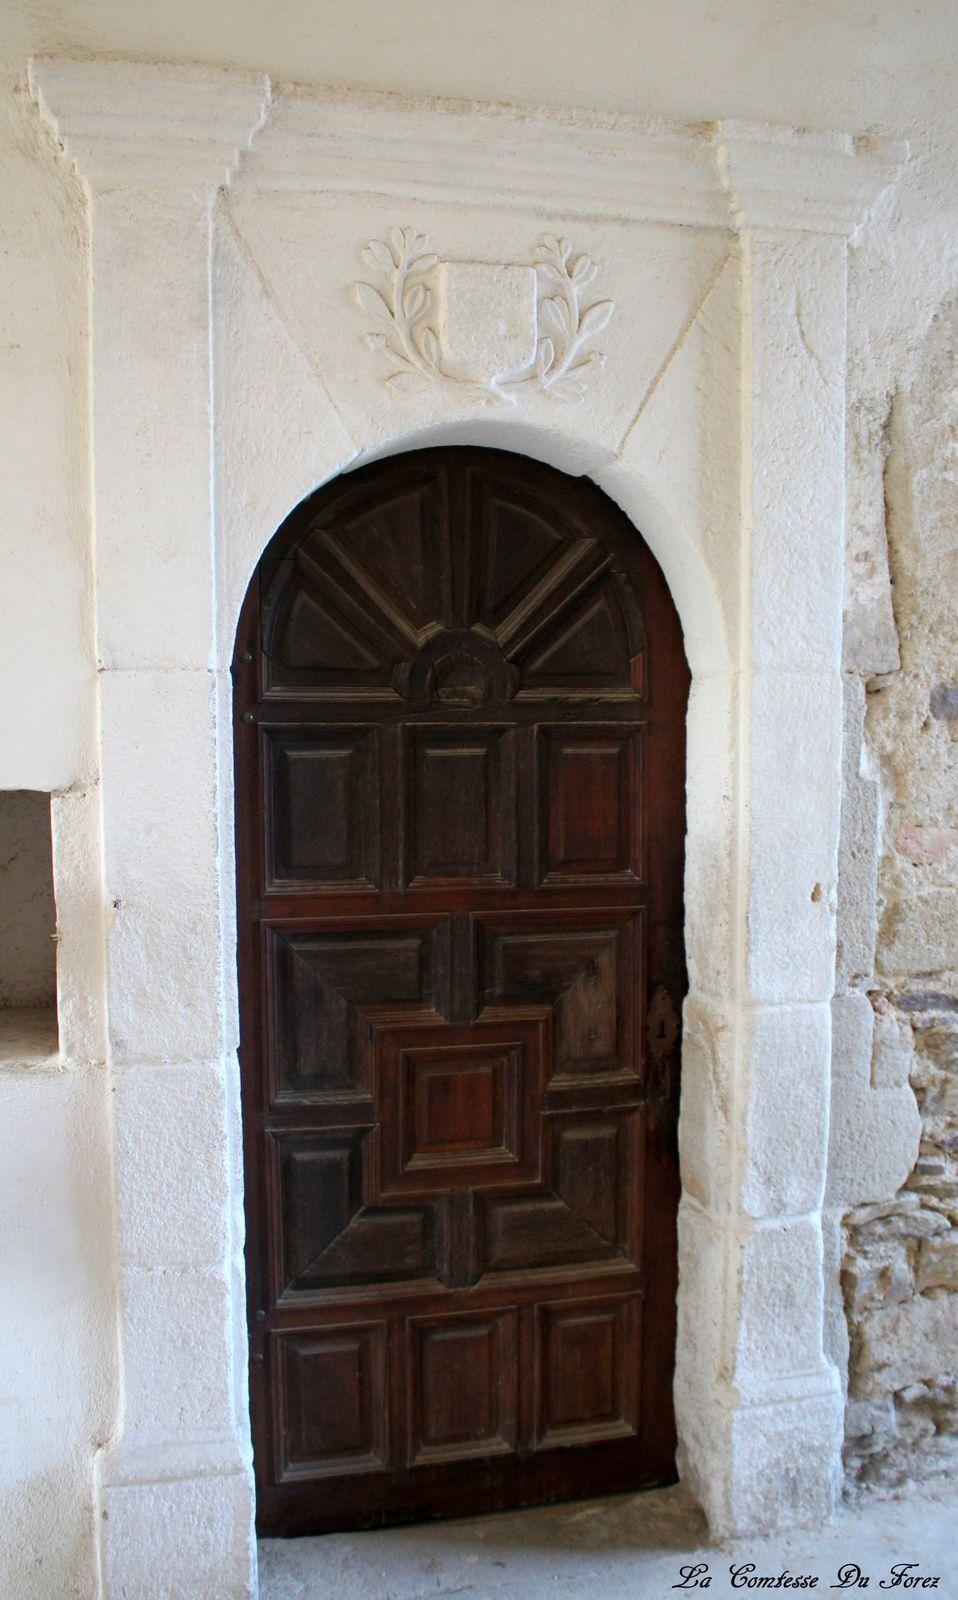 l'étrange clef pour ouvrir l'ermitage d'un père ..ici vous visitez une reconstitution d'un ermitage...